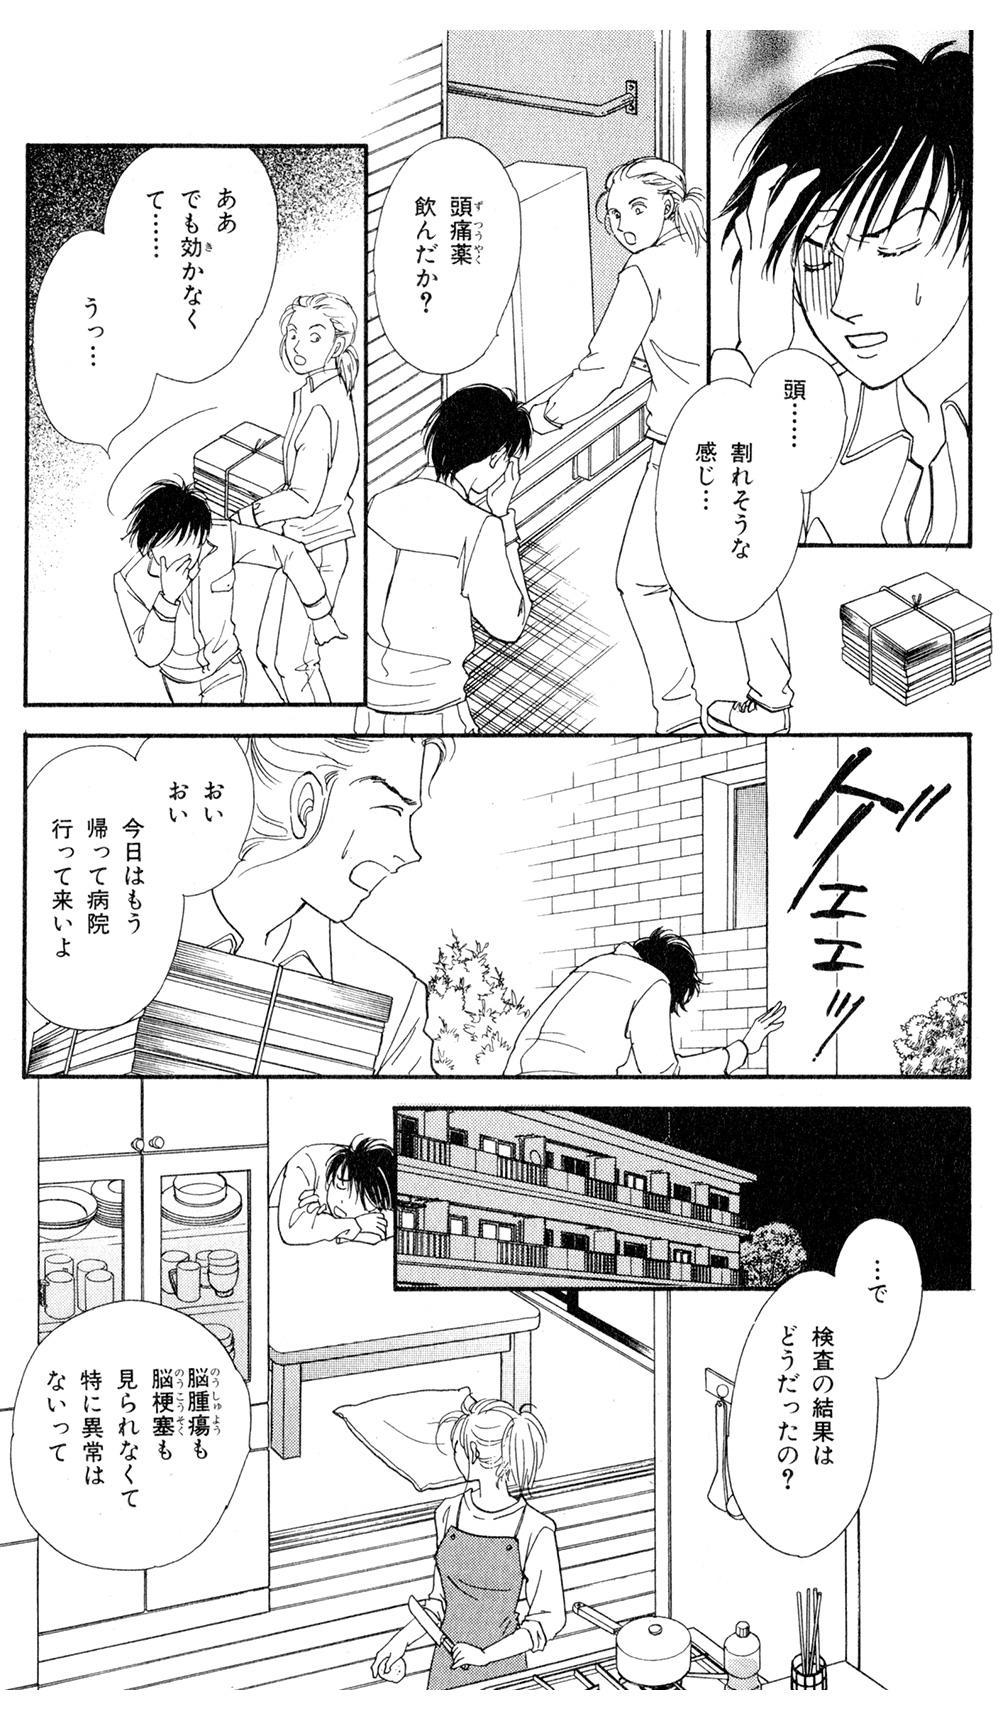 魔百合の恐怖報告 「災いを呼ぶ老婆」①rouba01-16.jpg